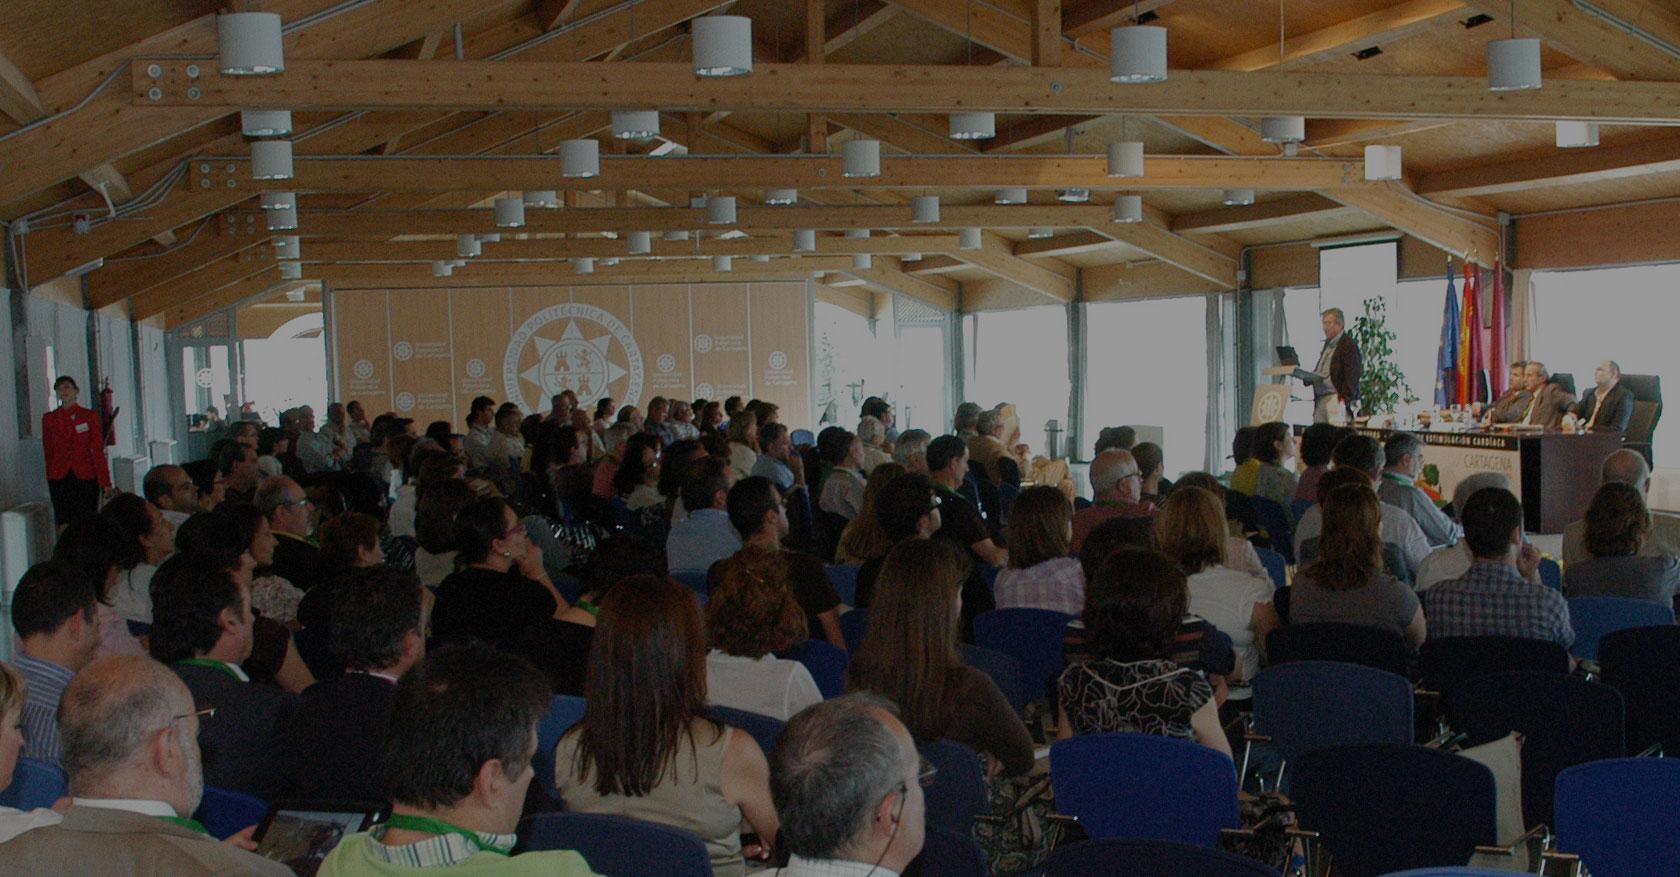 Eventos en Plural organiza y produce jornadas científicas